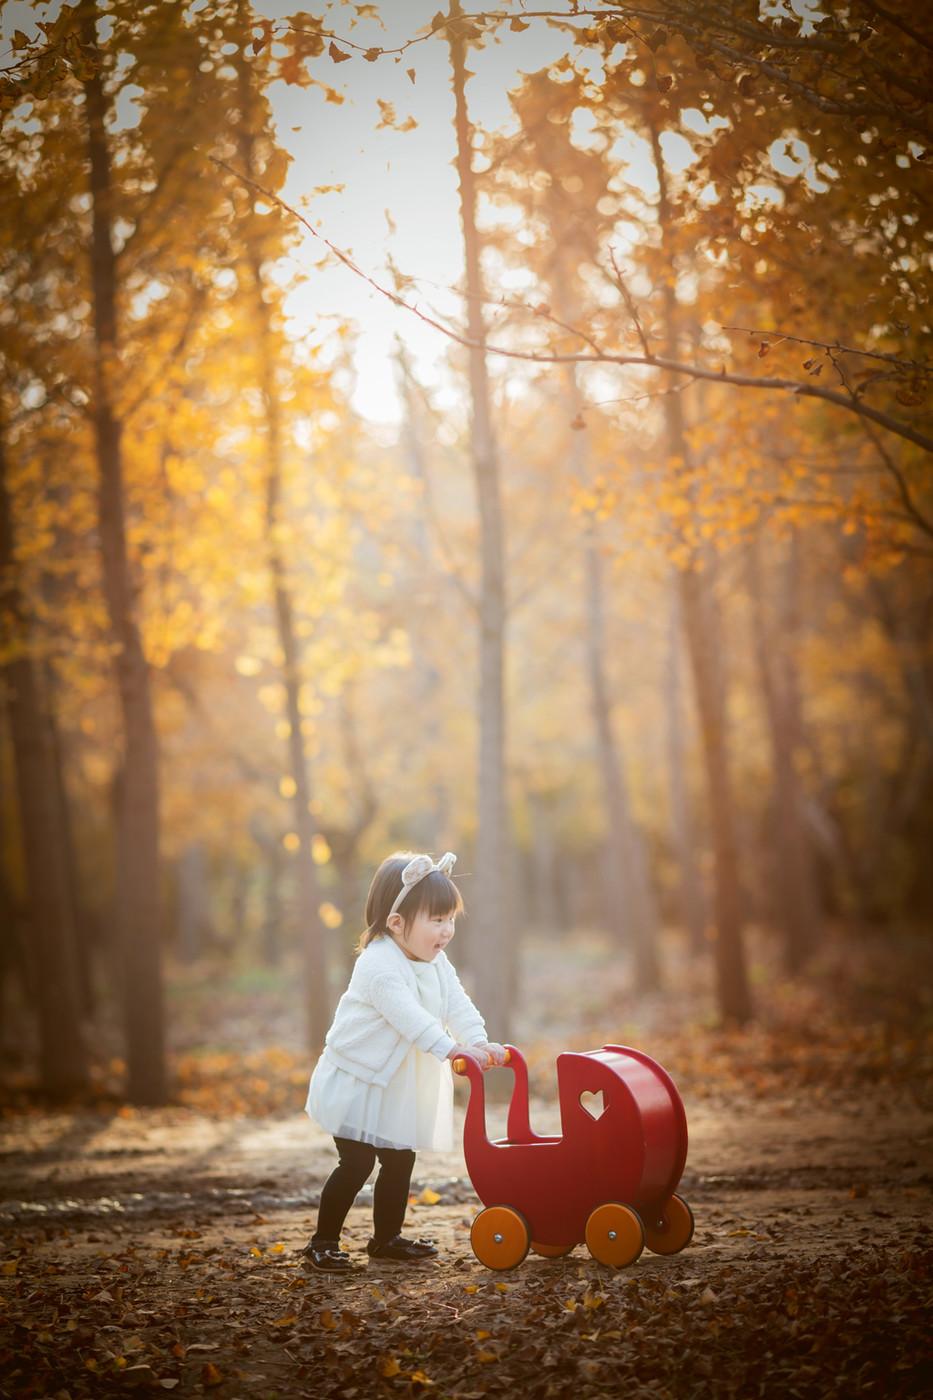 北京的秋1